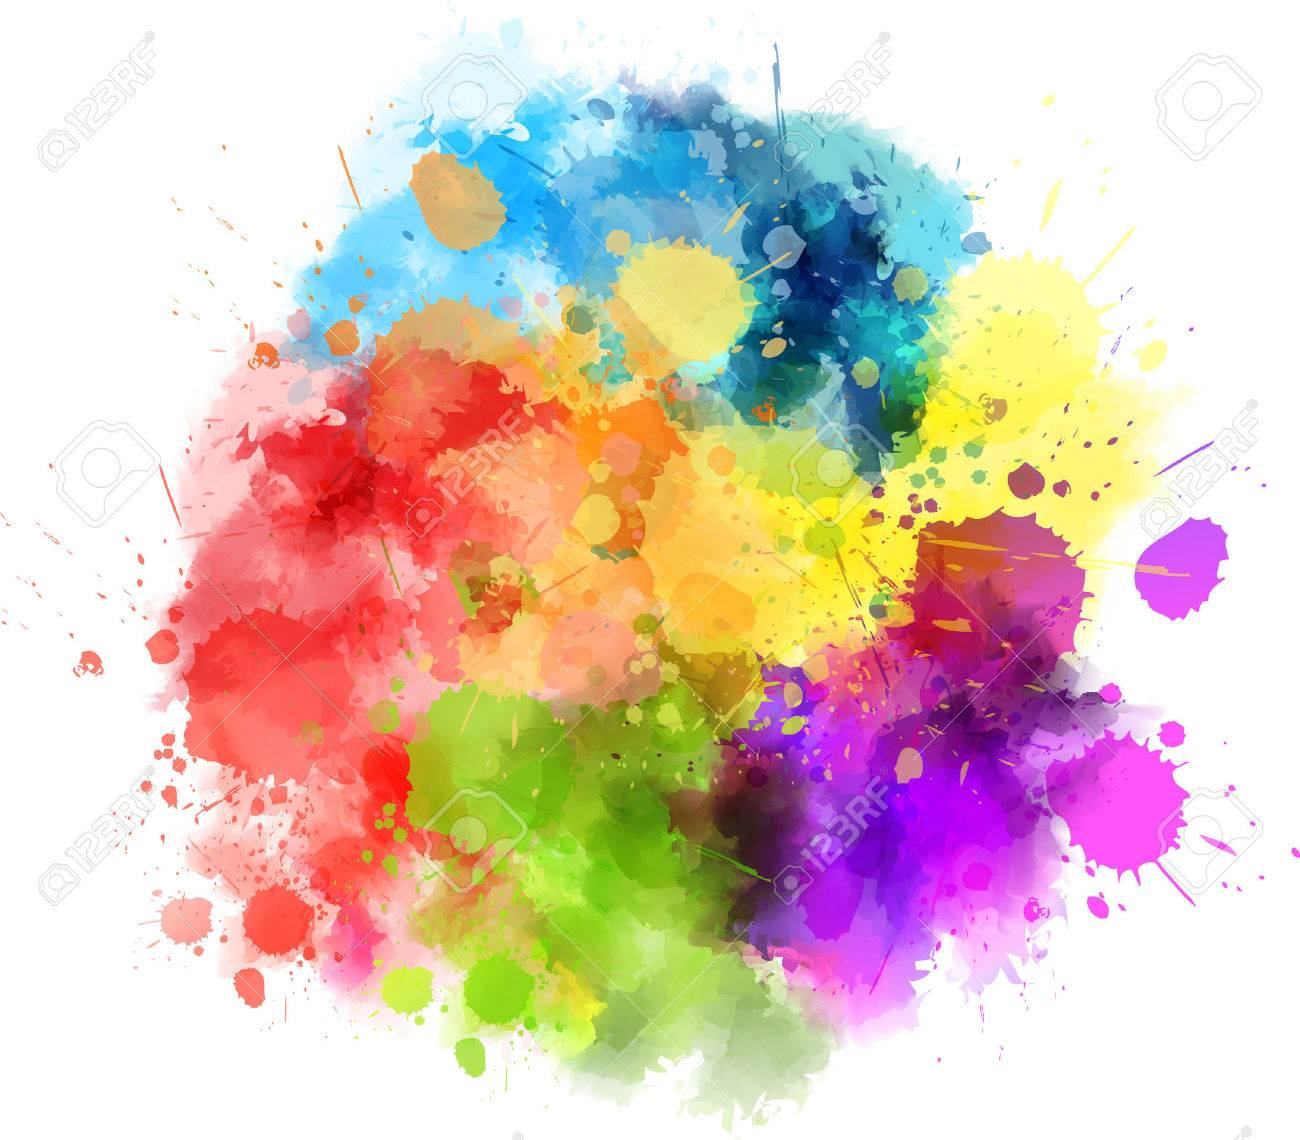 Multicolored watercolor splash blot - 56144229